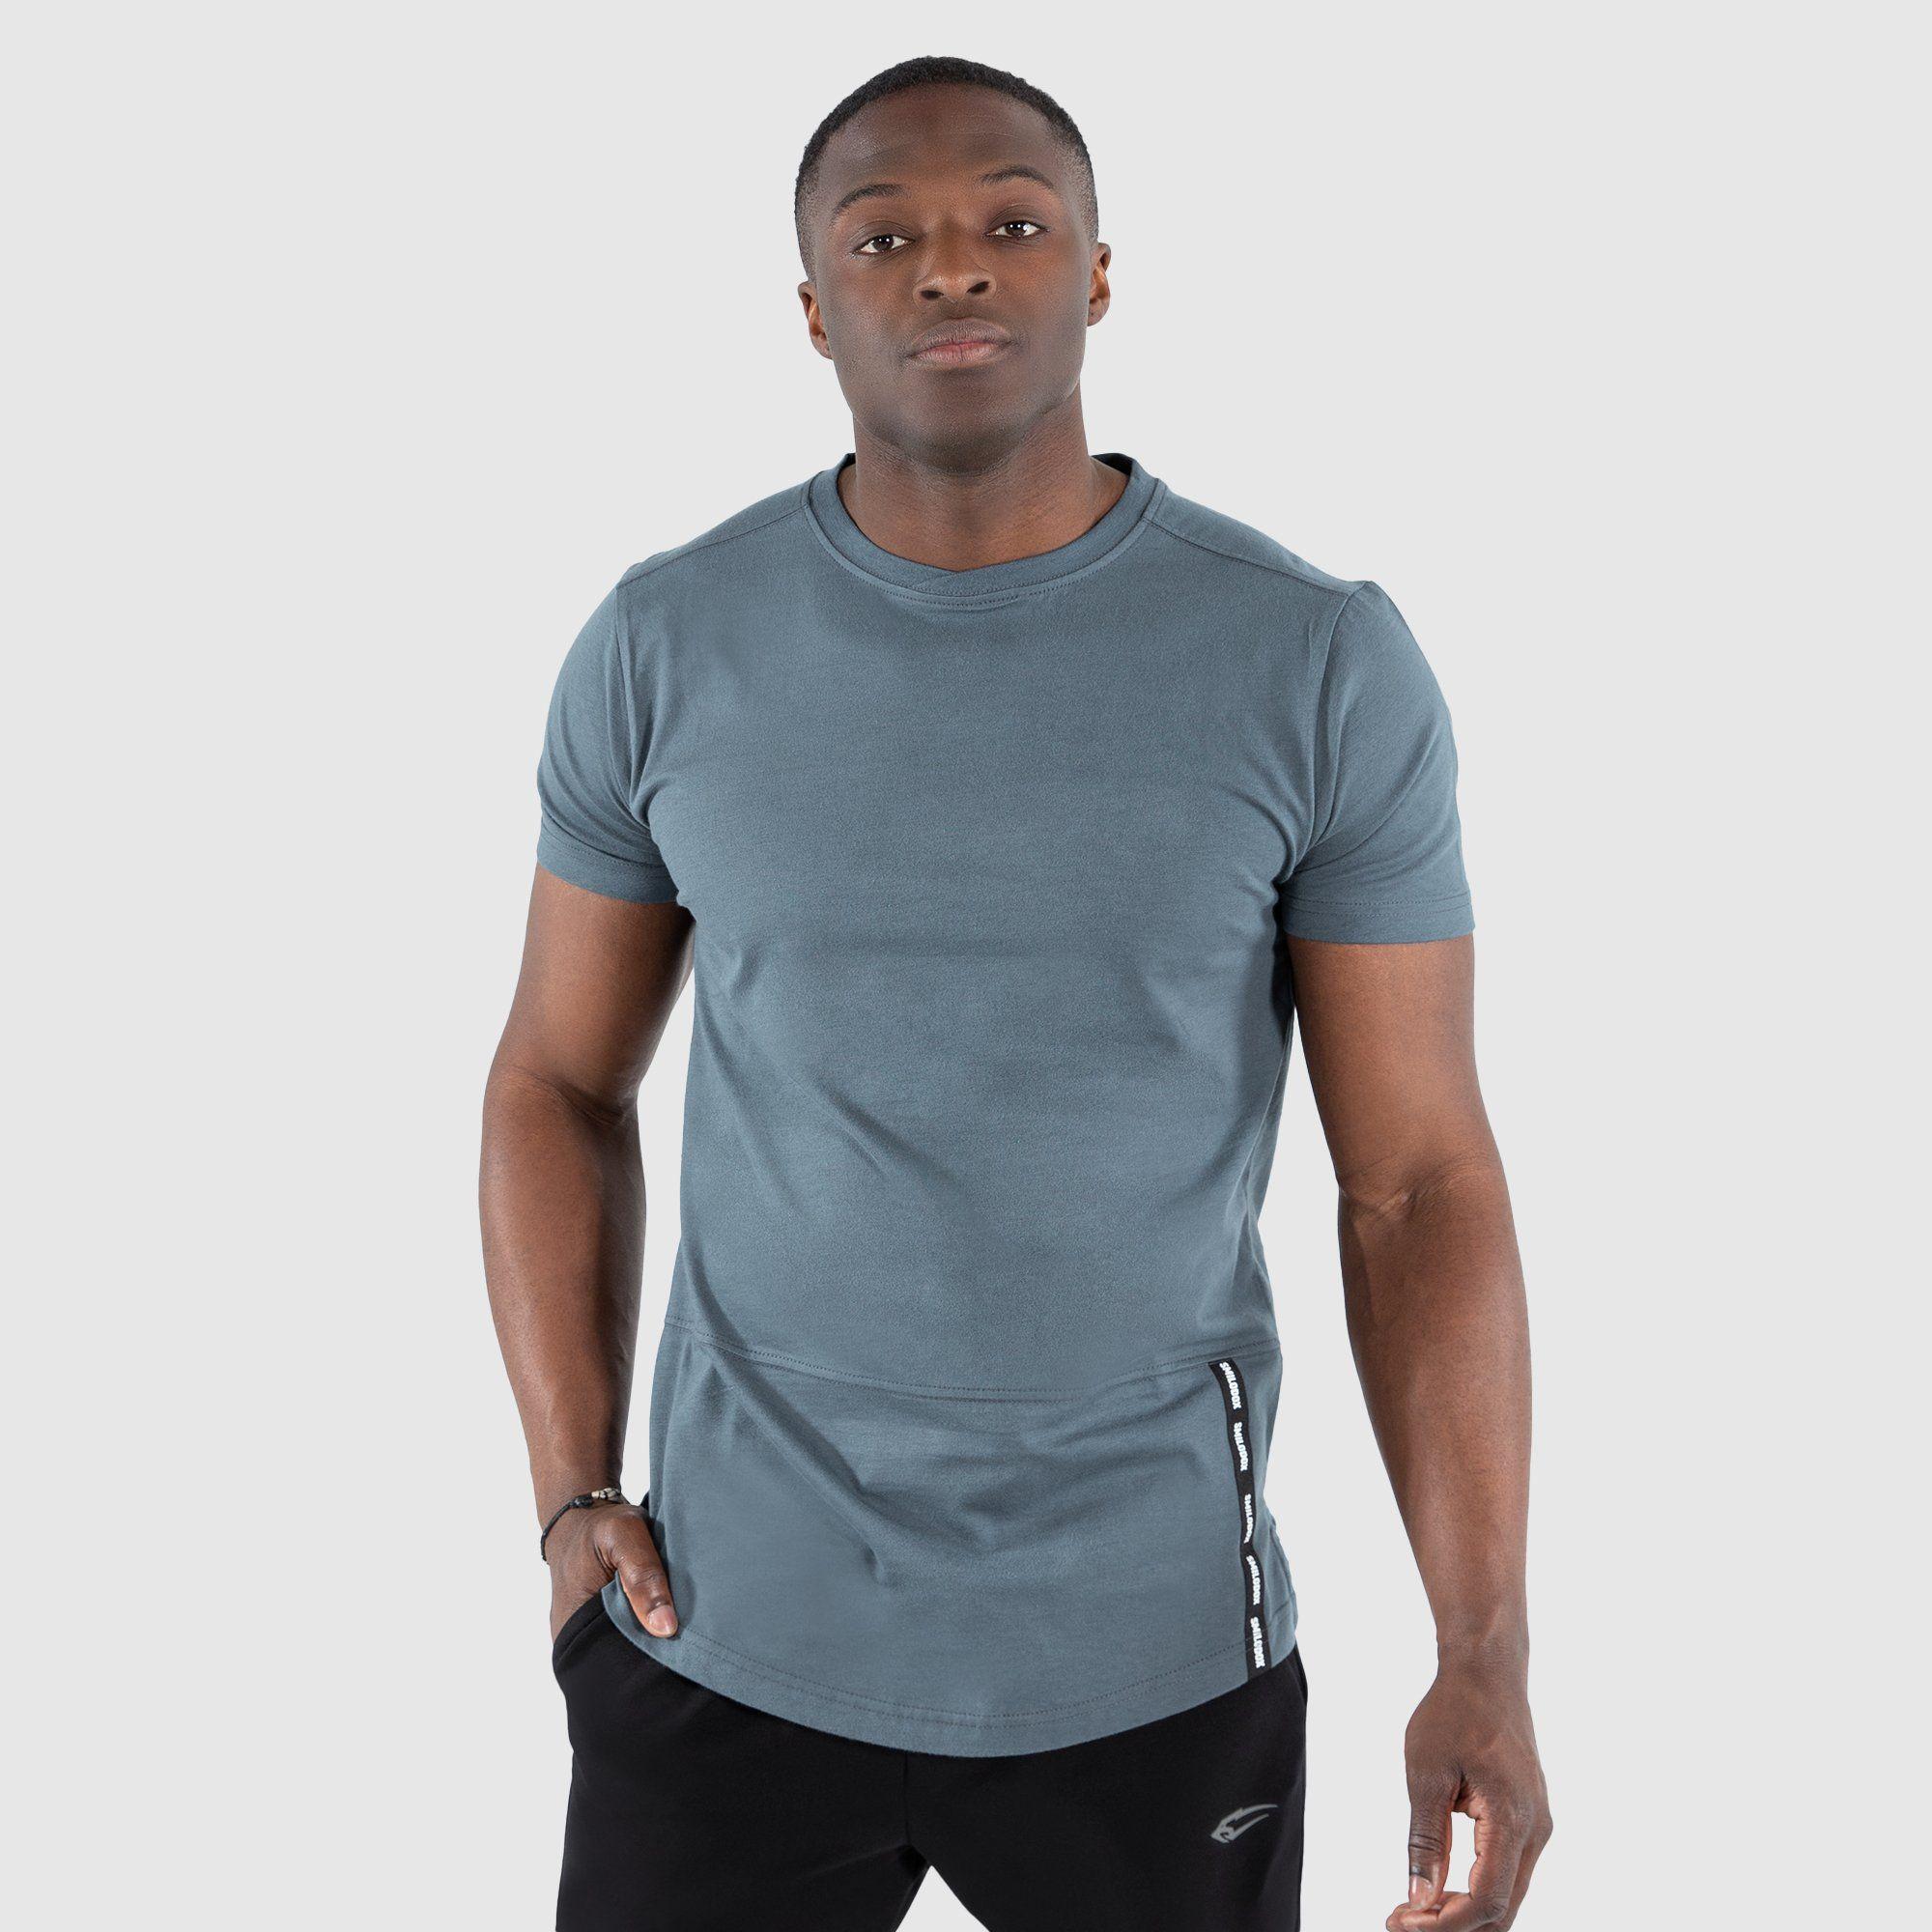 T-Shirt Hayo - Graublau / S